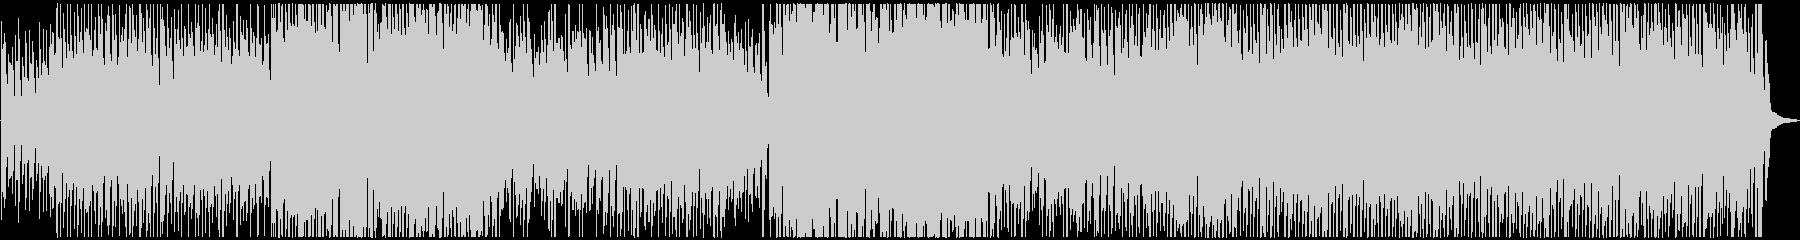 ワクワク、コミカル、ピアノの未再生の波形